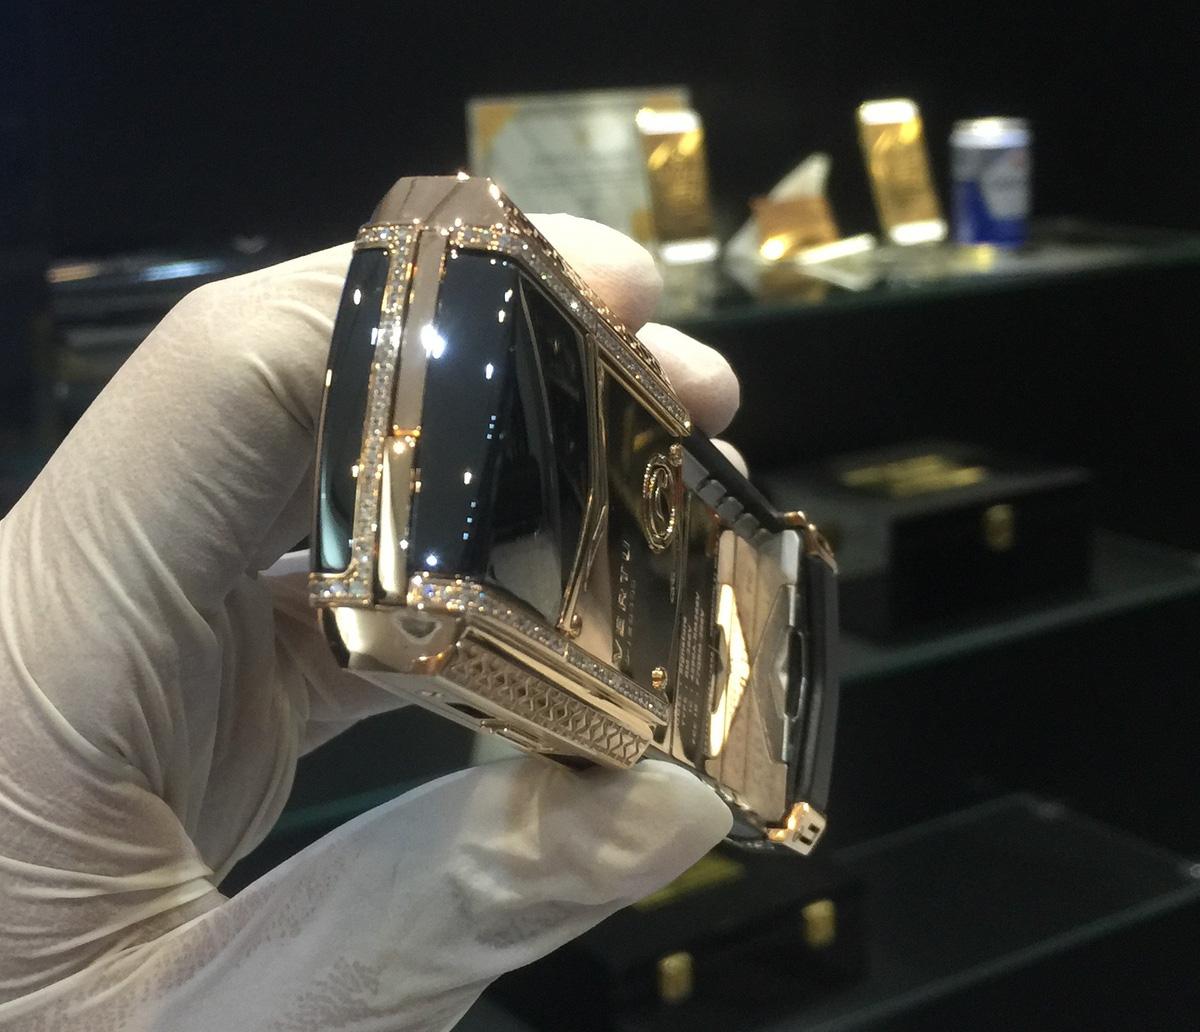 Cận cảnh chiếc điện thoại Vertu độ vàng, kim cương đỉnh cao - Ảnh 4.